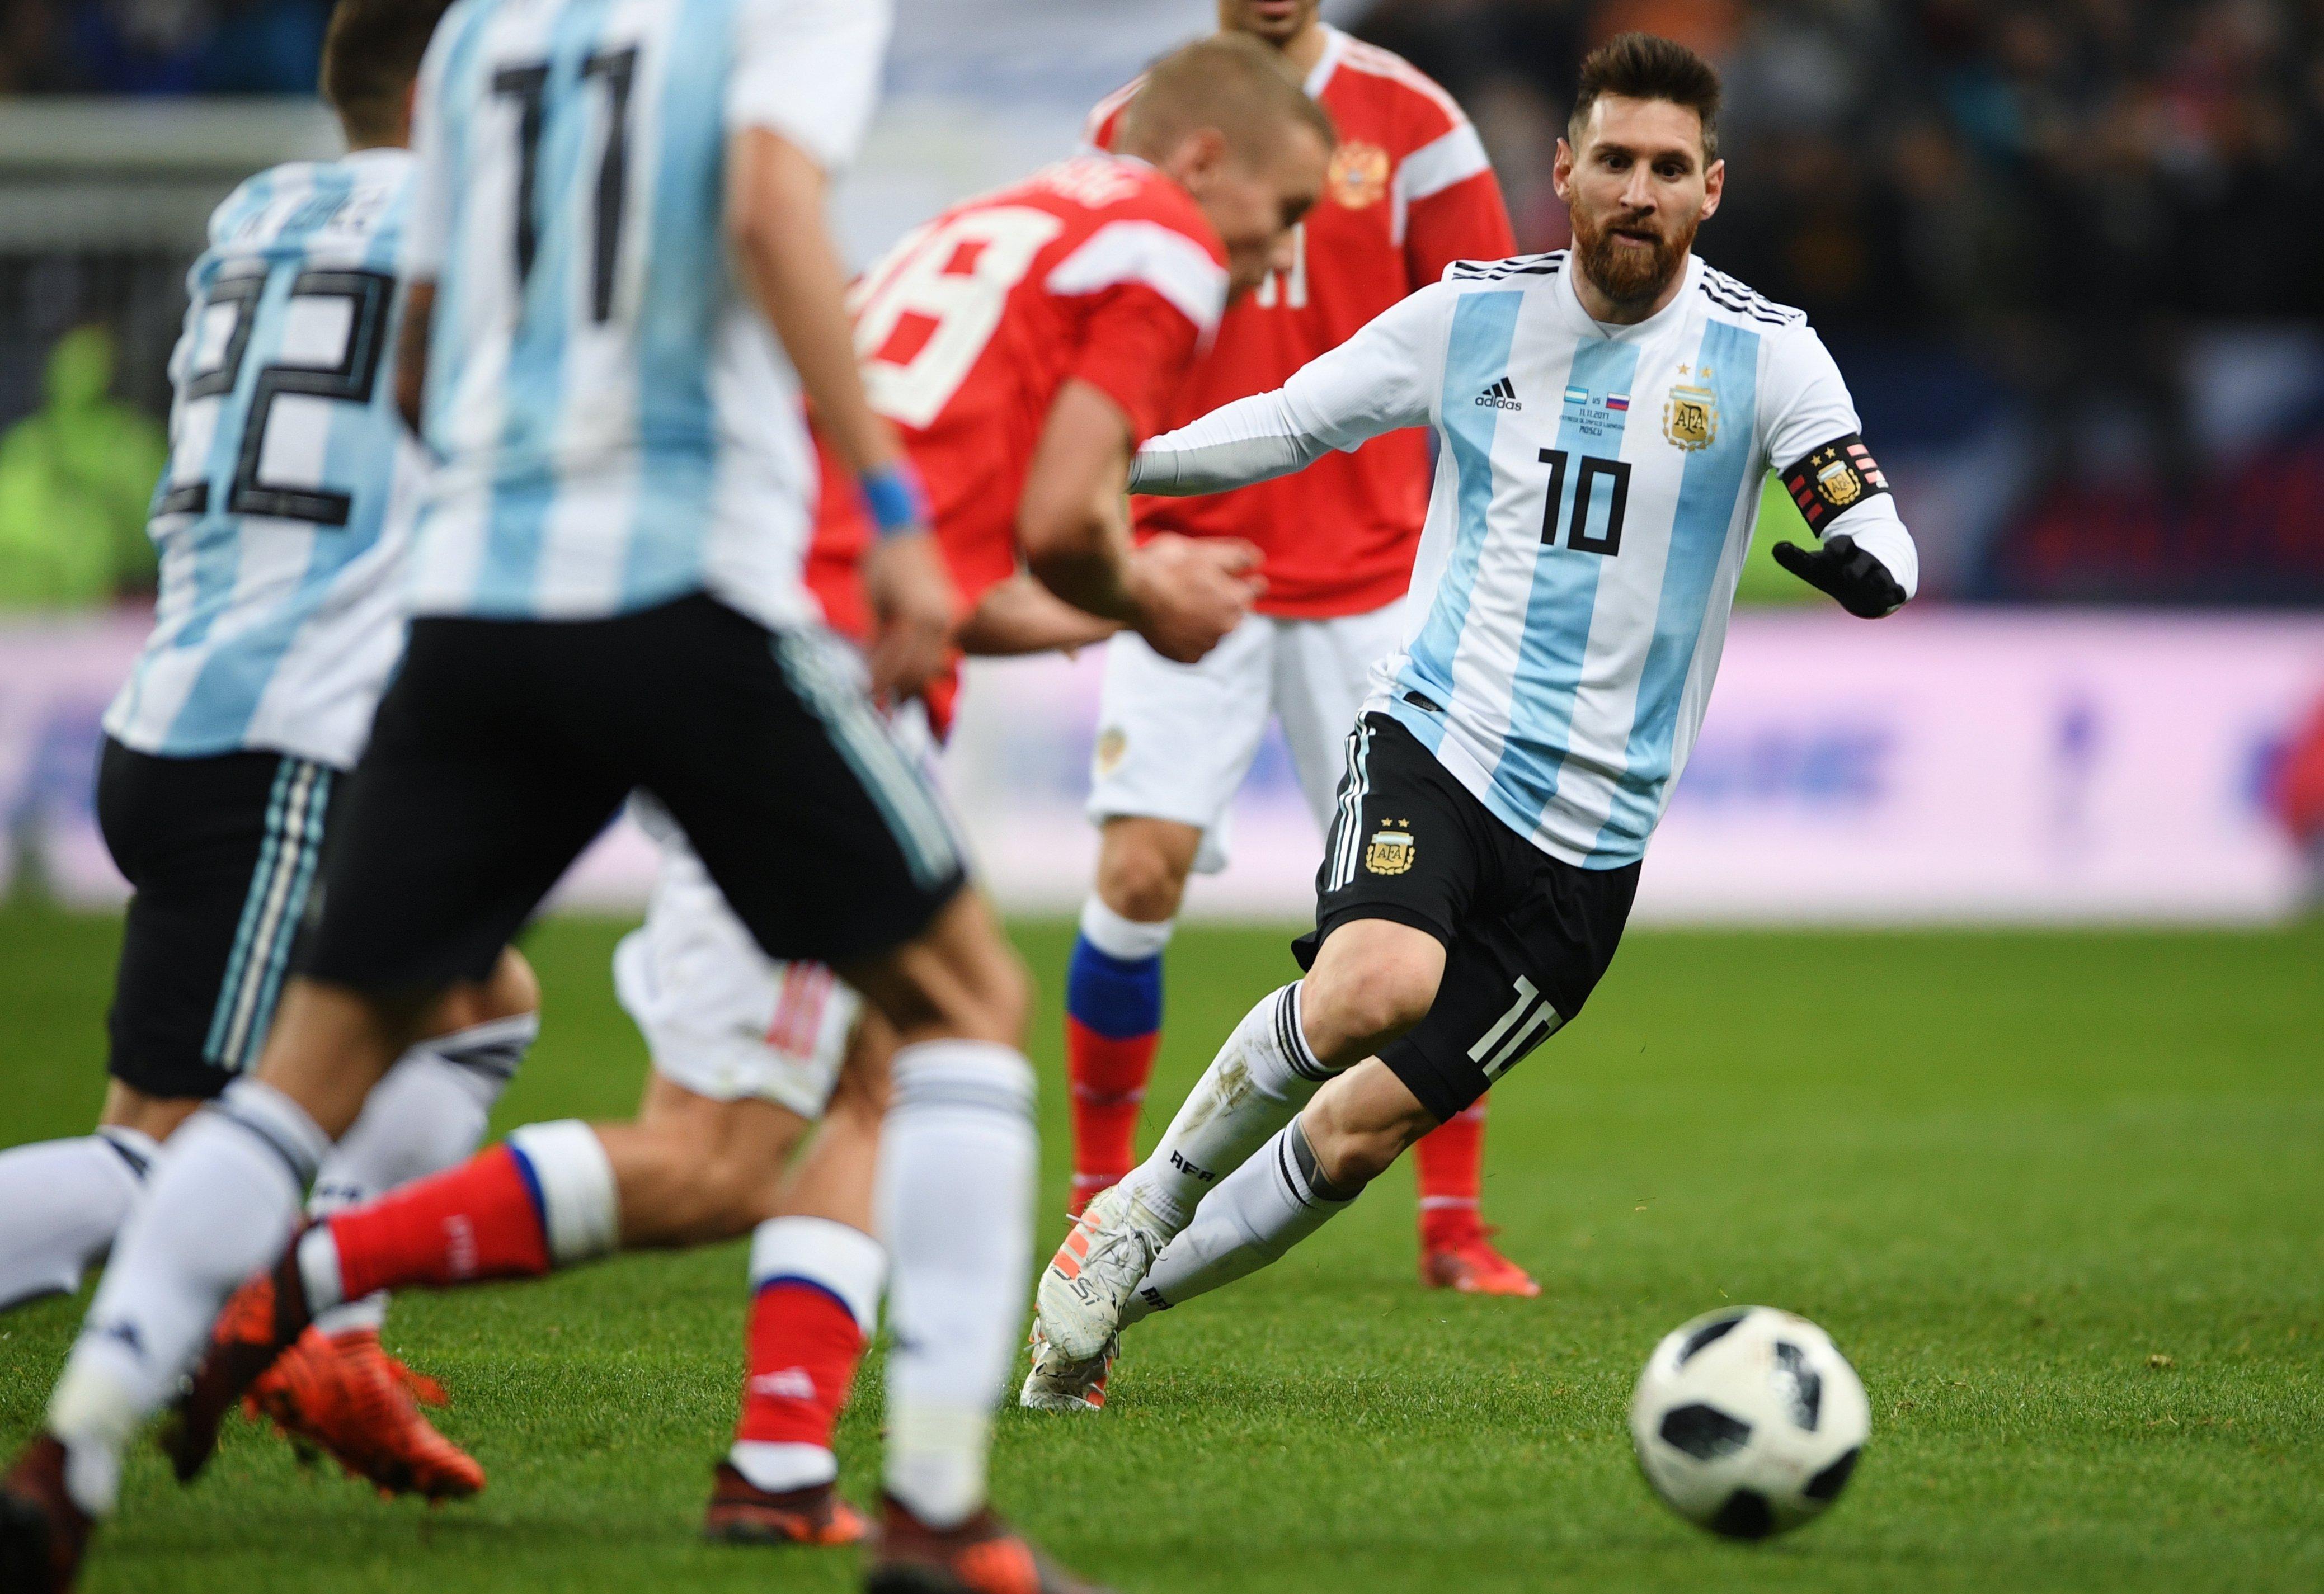 Лидер аргентинской сборной Лионель Месси в товарищеском матче между национальными командами России и Аргентины.